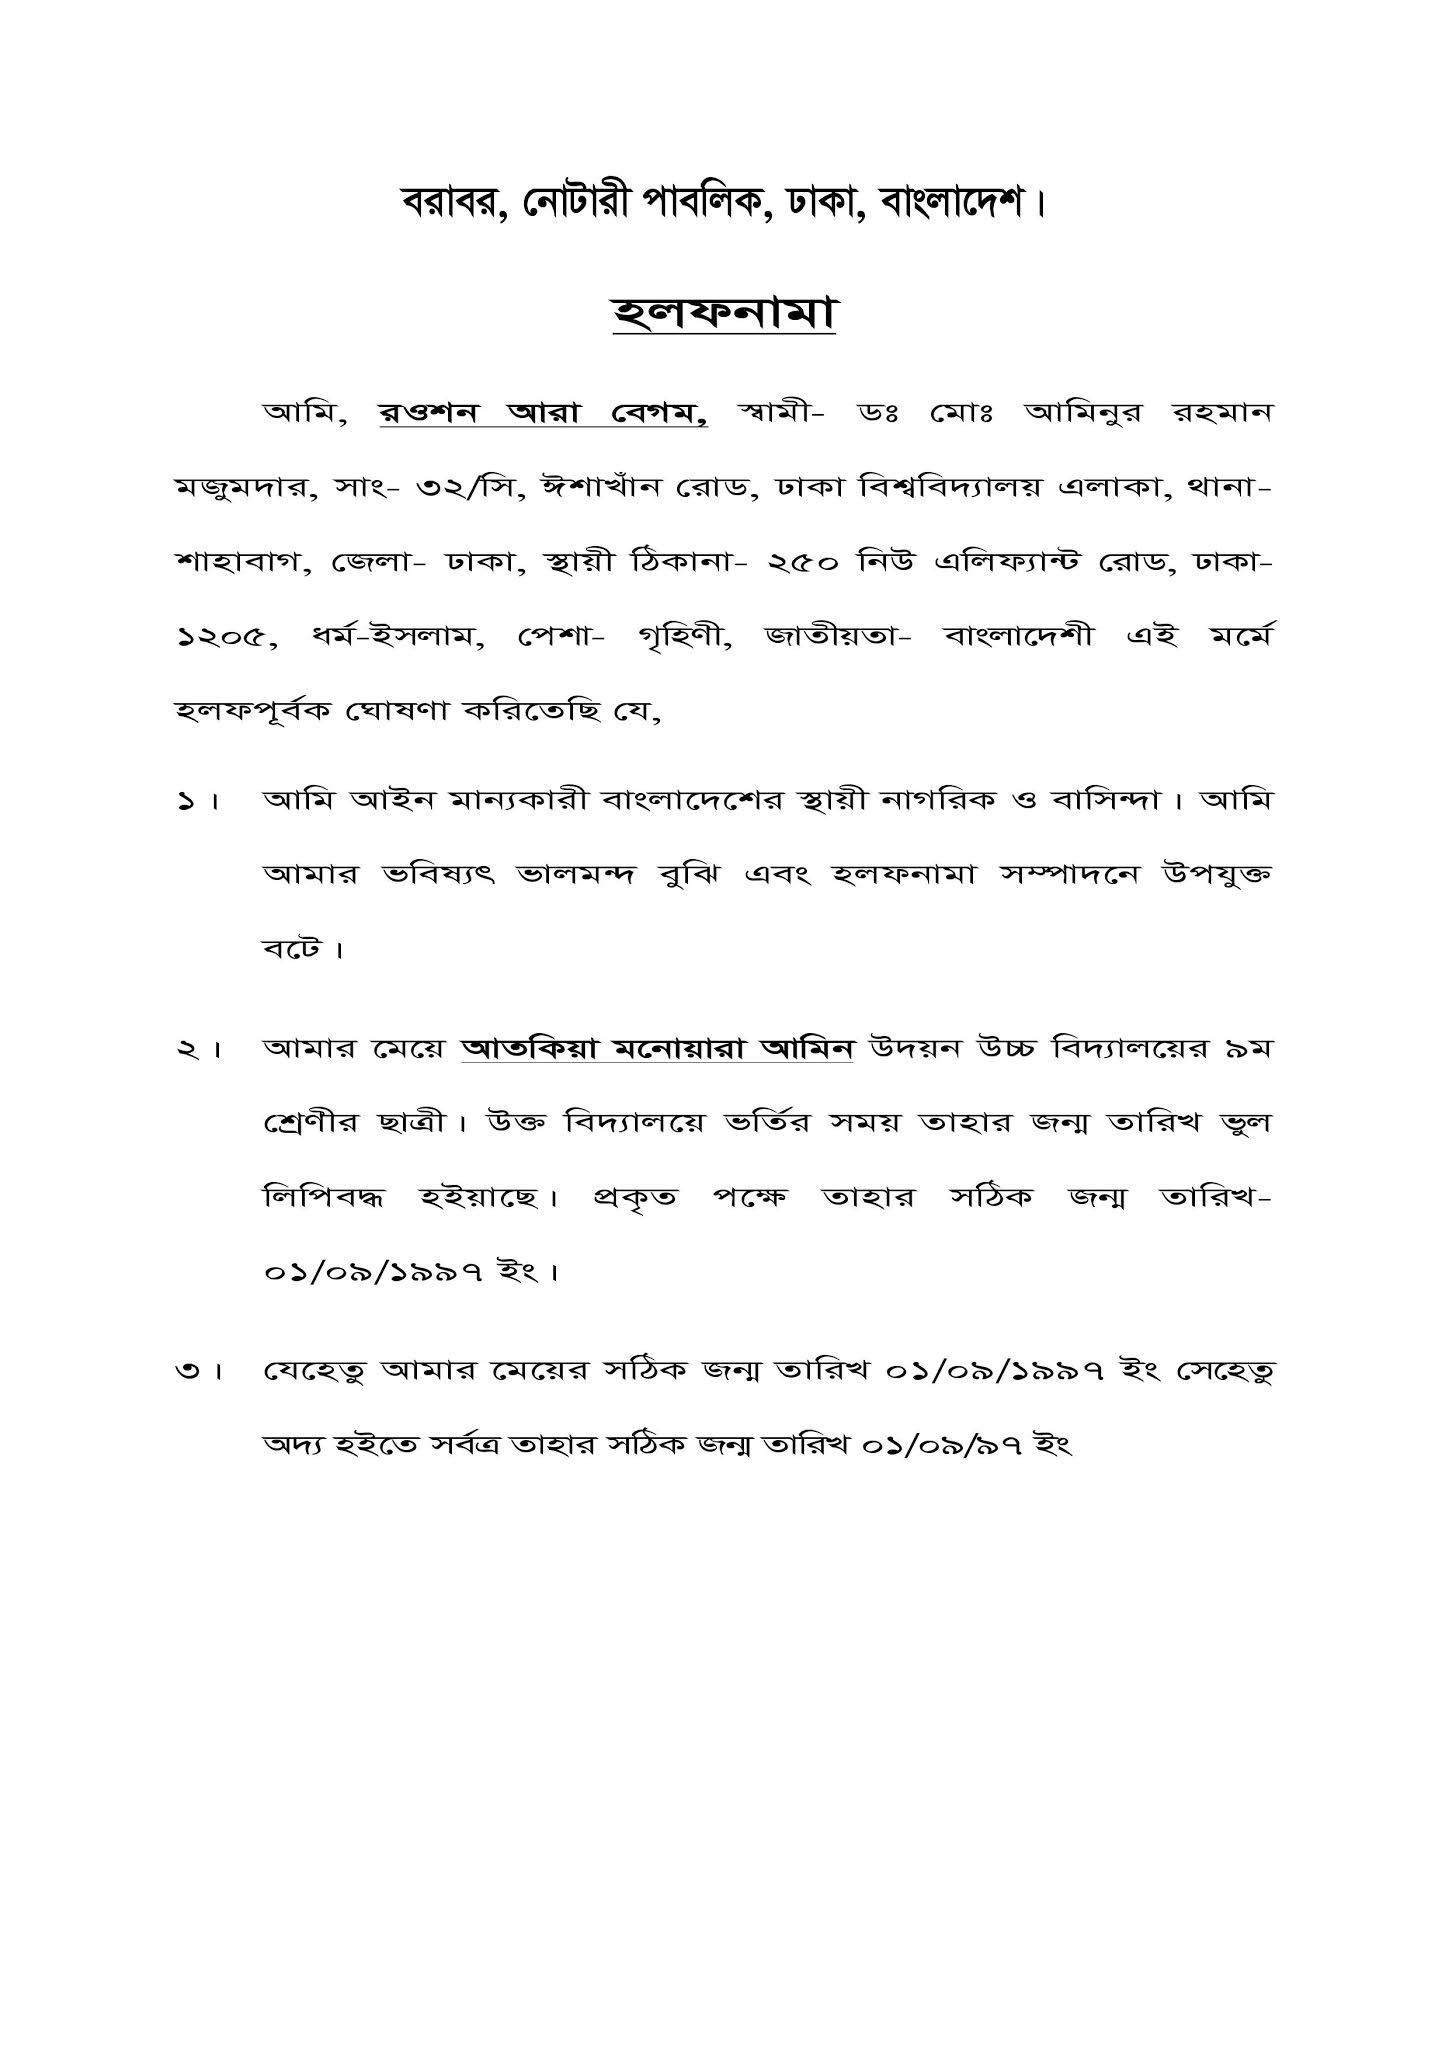 Affidavit of Birthdate-Bangla